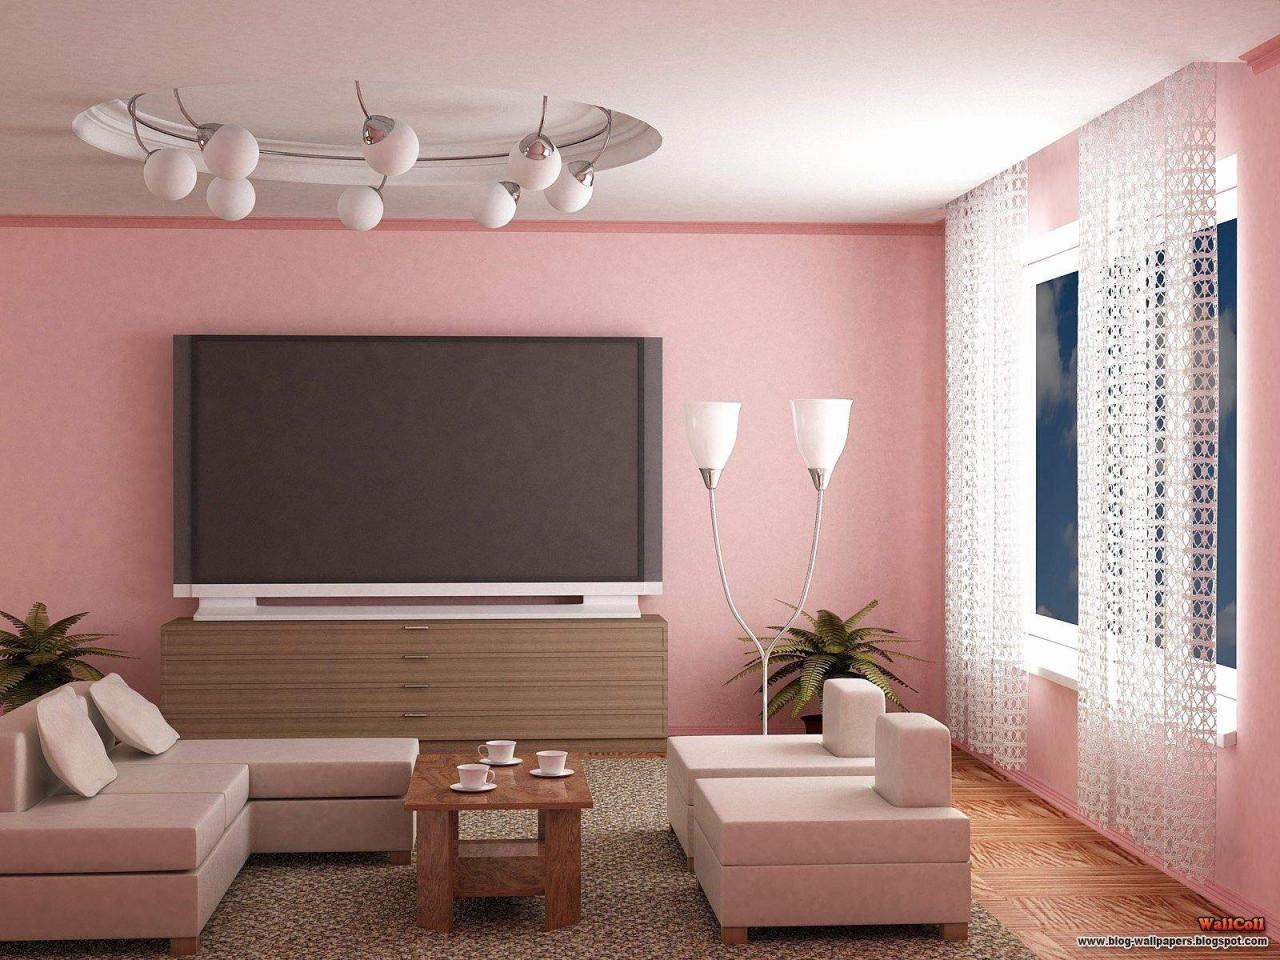 29 Genial Wohnzimmer Ideen Wandgestaltung Stein Das Beste von Wohnzimmer Wände Gestalten Farbe Photo